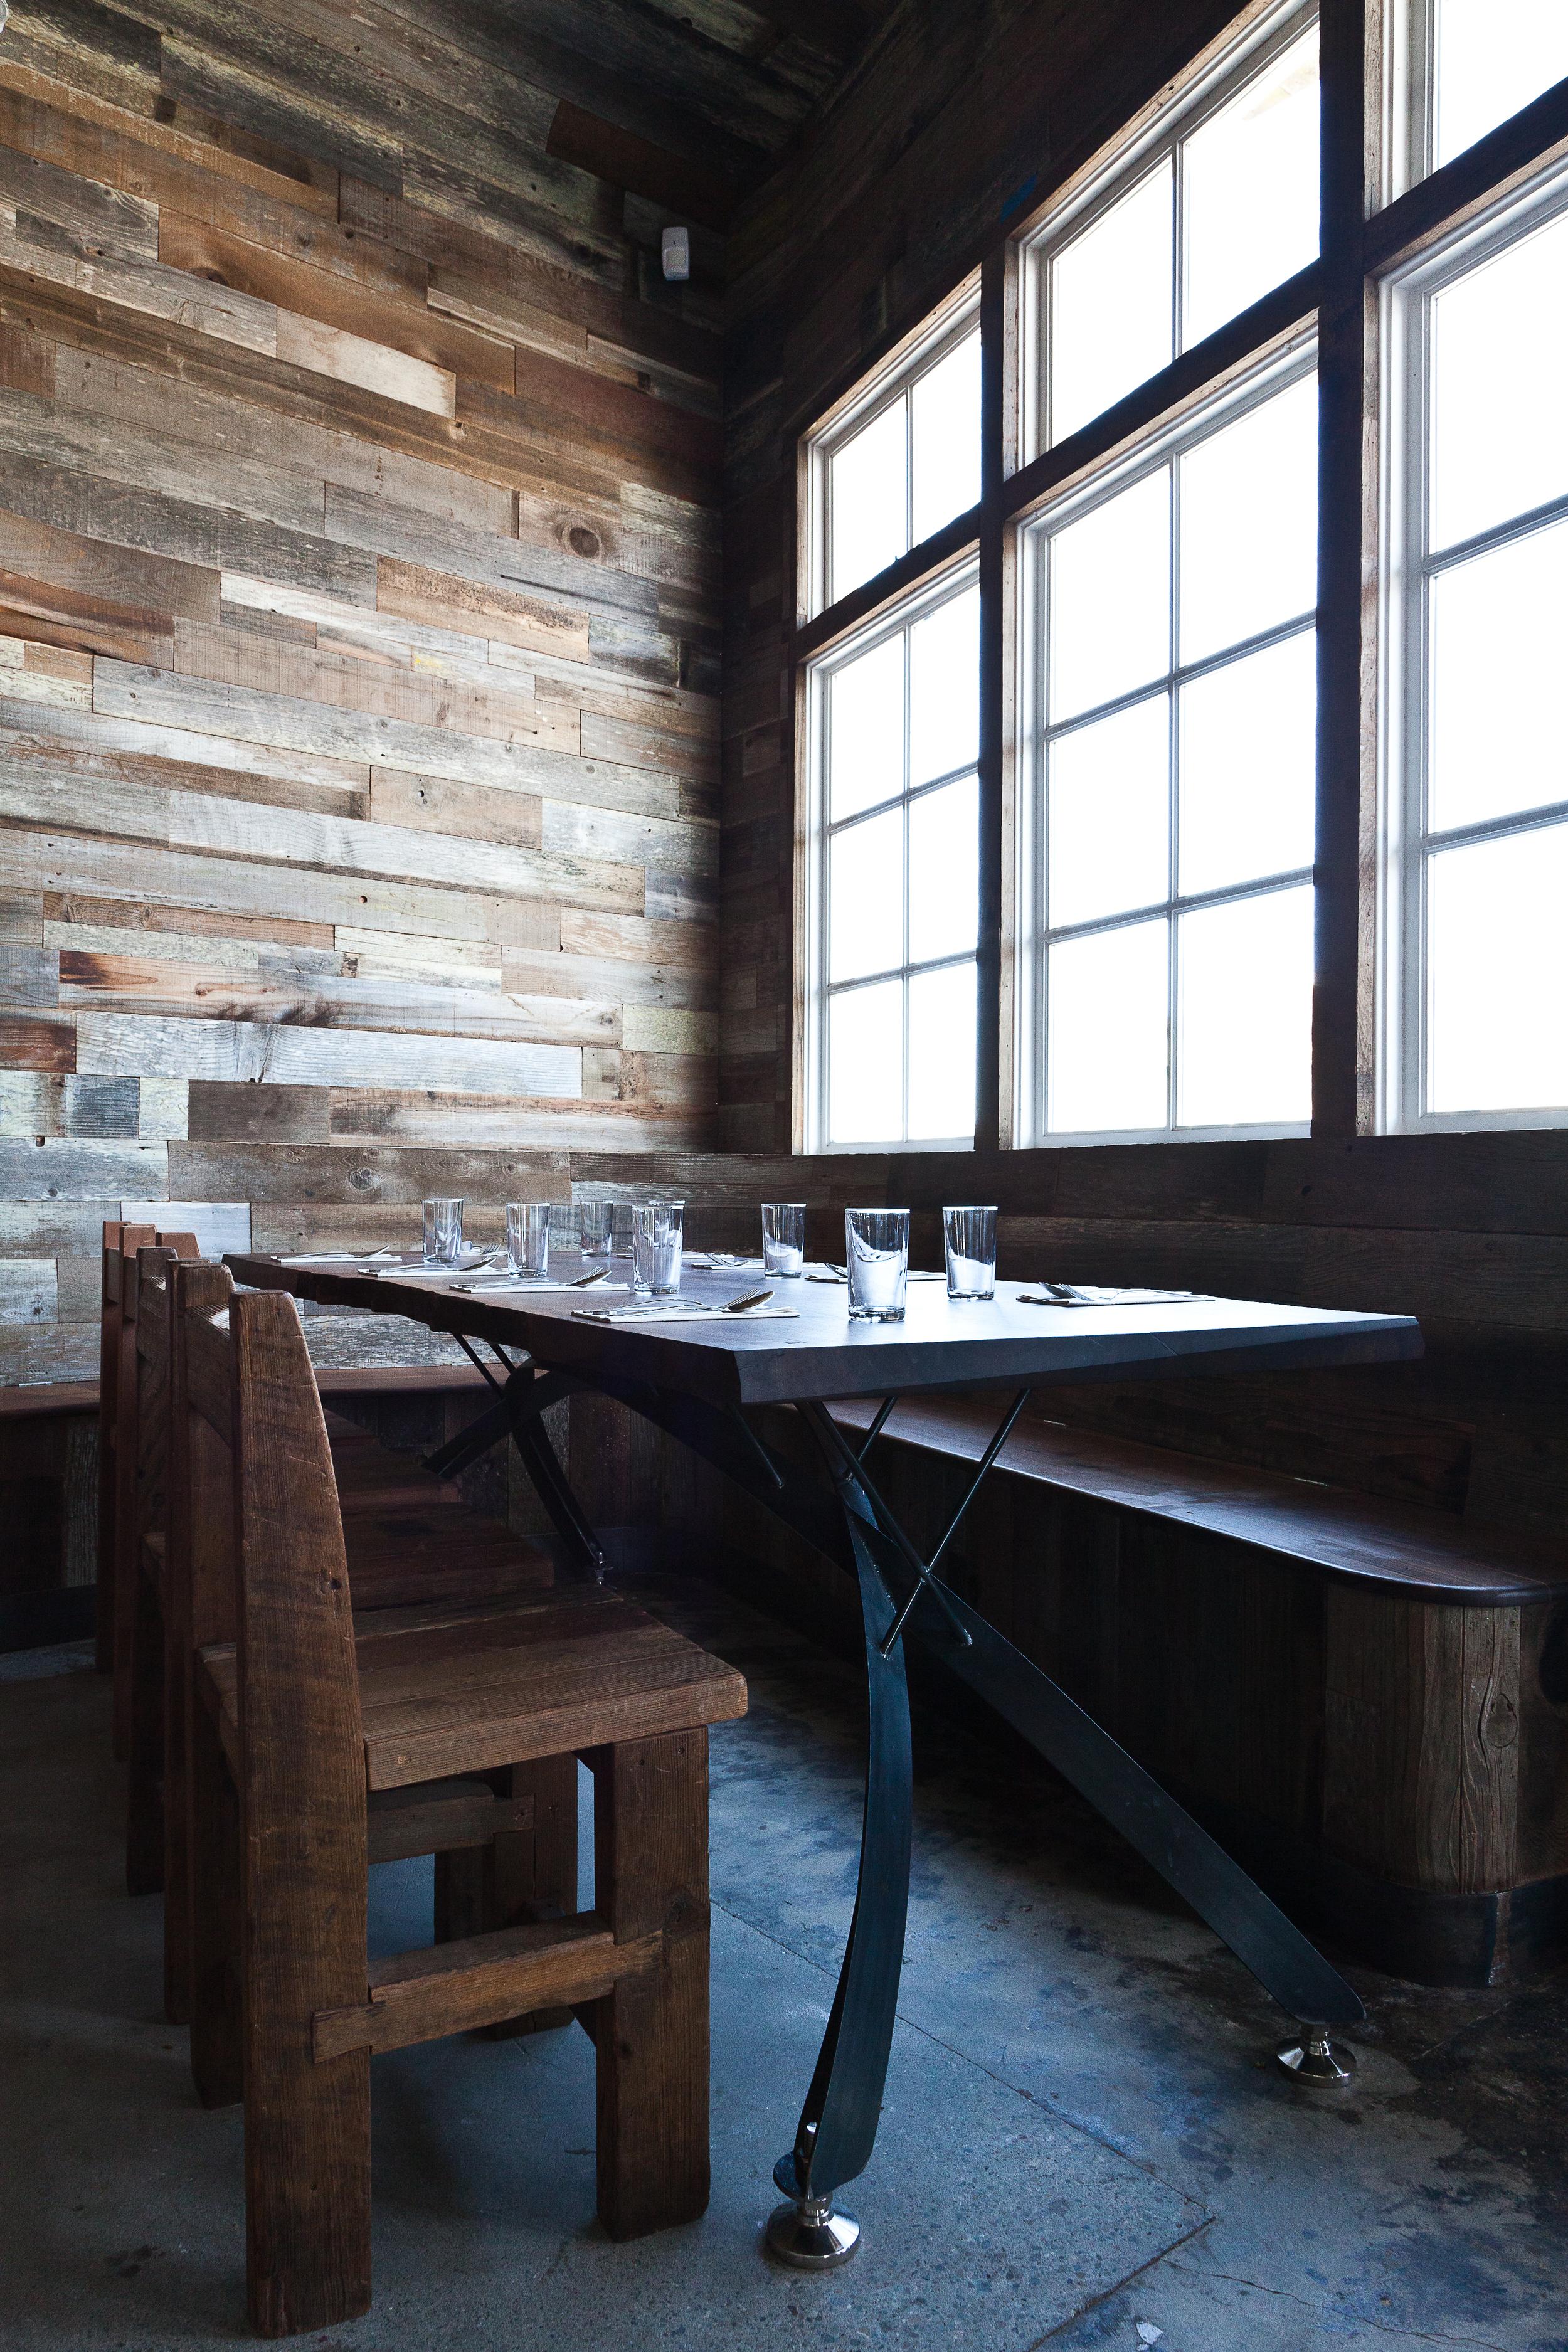 Community Table Photo: Anthony Masters